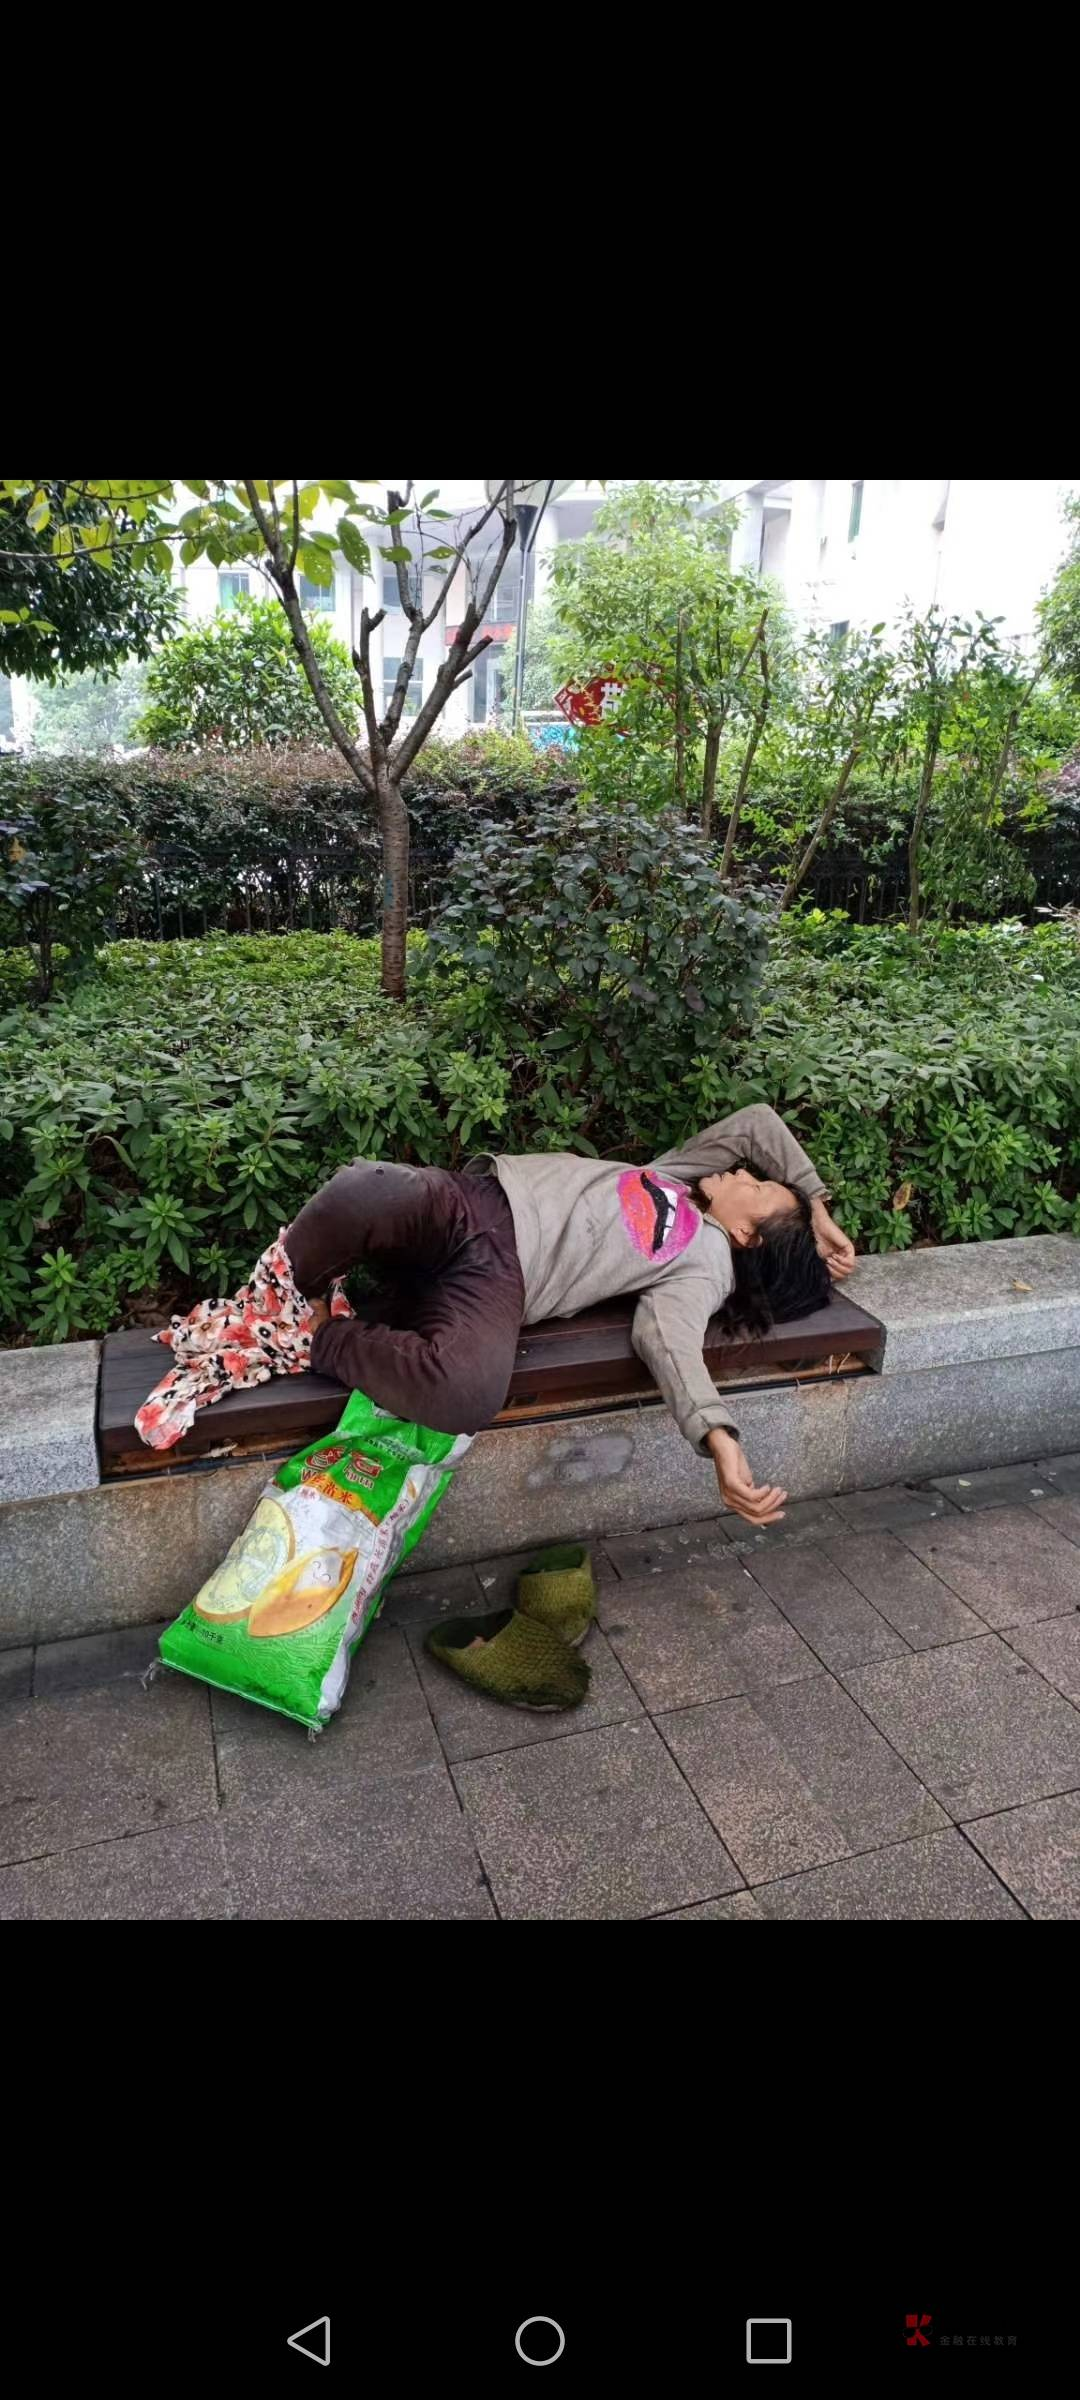 这是哪位老姐啊,天气冷了别在这里睡了  49 / 作者:黄焖鸡先生 /